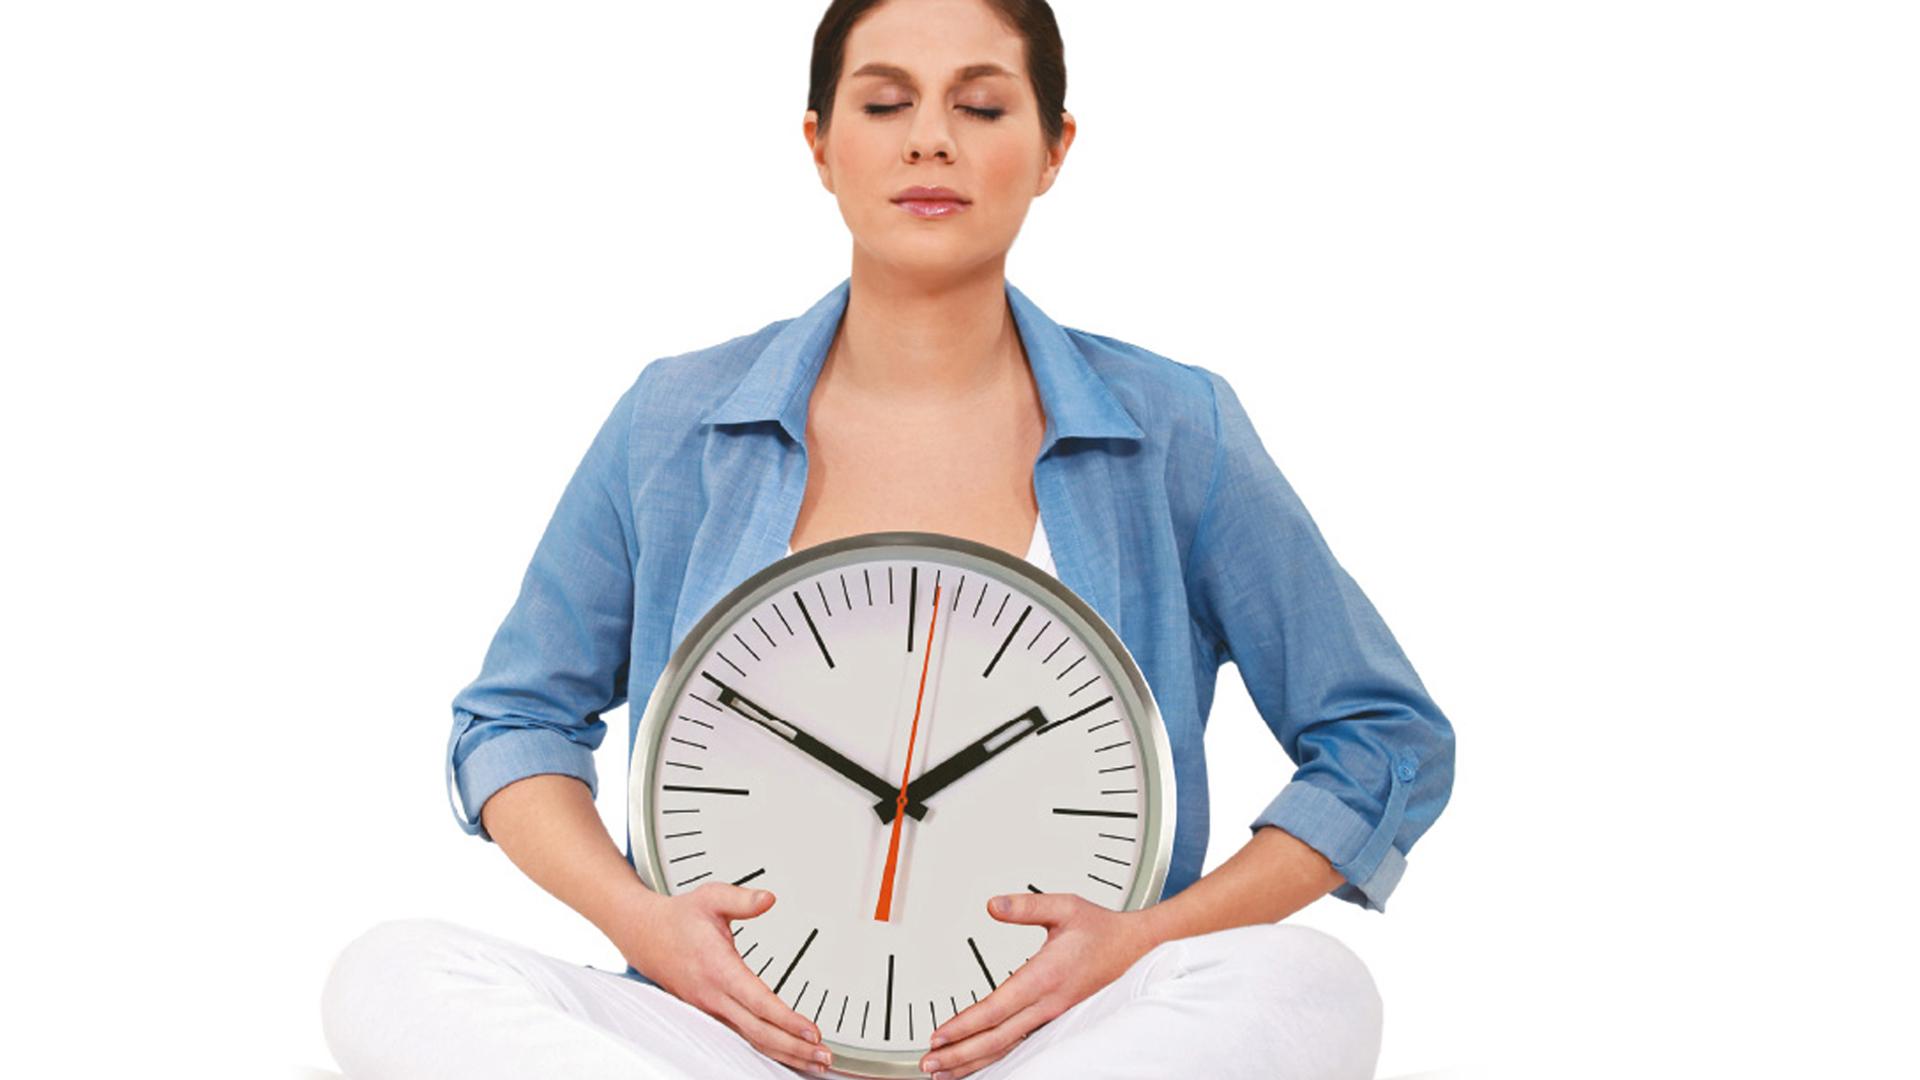 menopausia y aumento de peso alrededor del medio